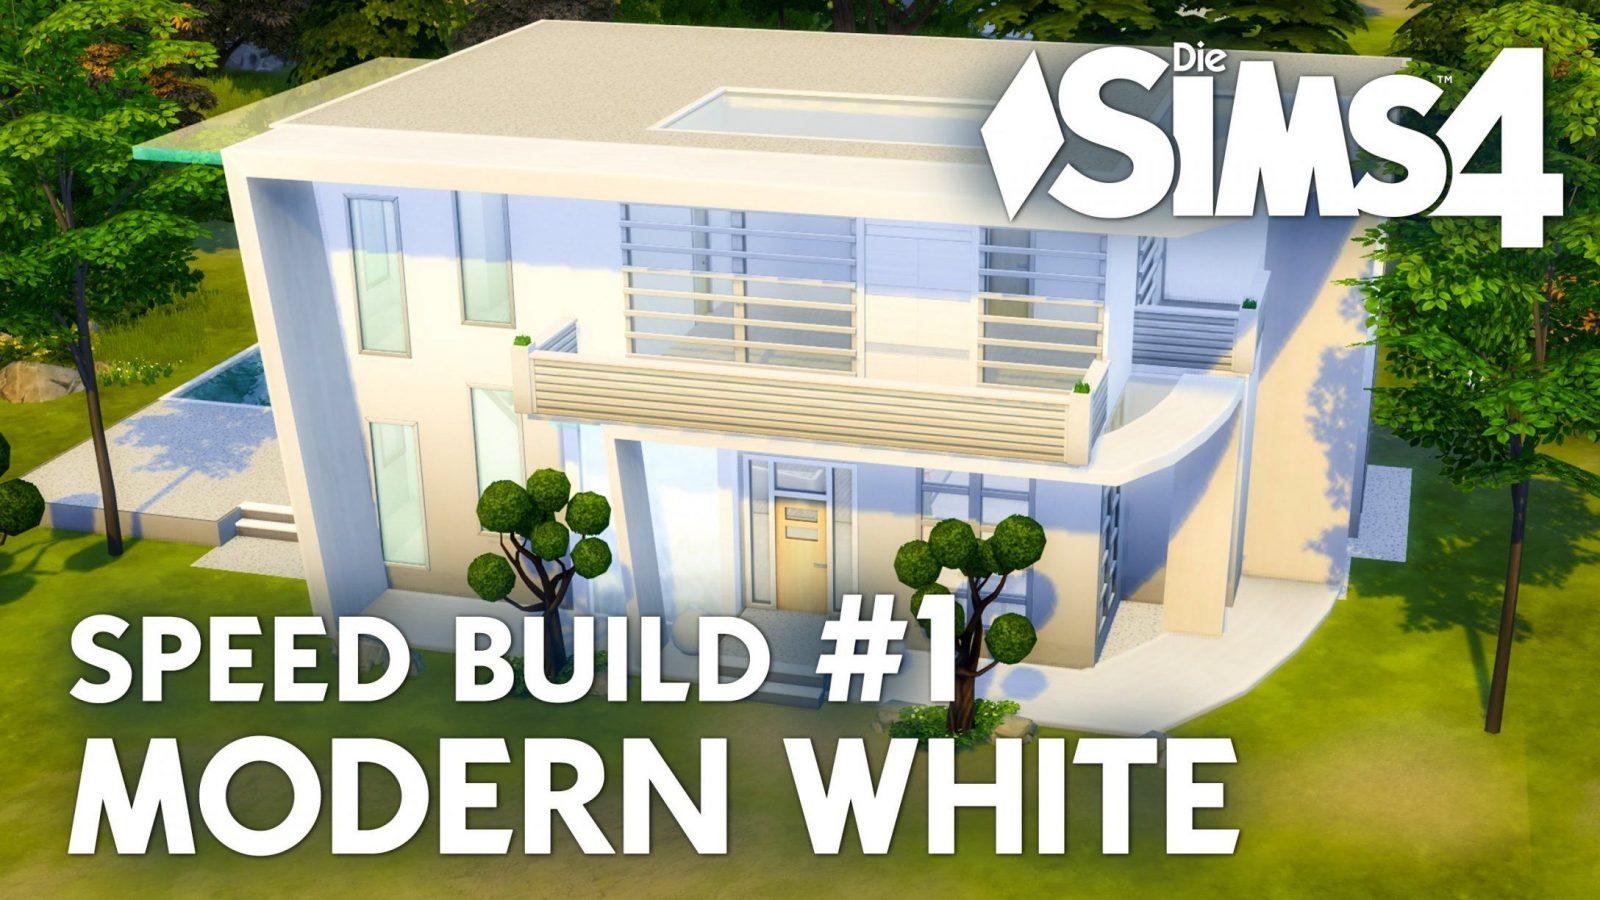 Haus Bauen Die Sims 4 Modern White Speed Build 1 Mit Grundriss Von